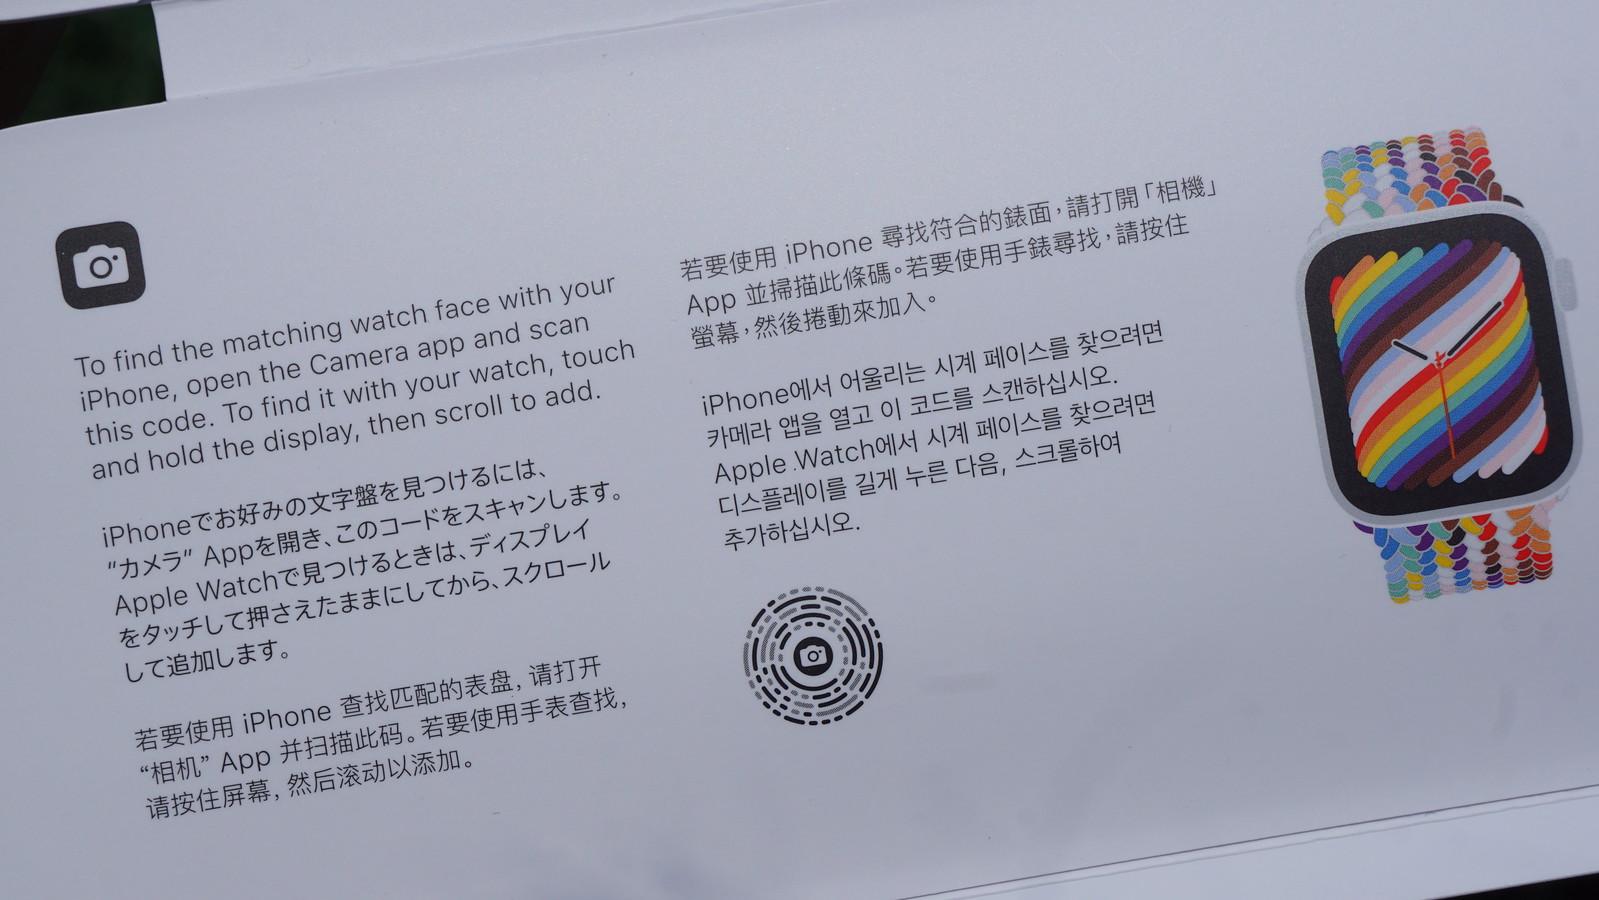 パッケージにプリントされたApp Clioのコードをスキャンするとおそろいの文字盤「プライドウーブン」を追加することが可能